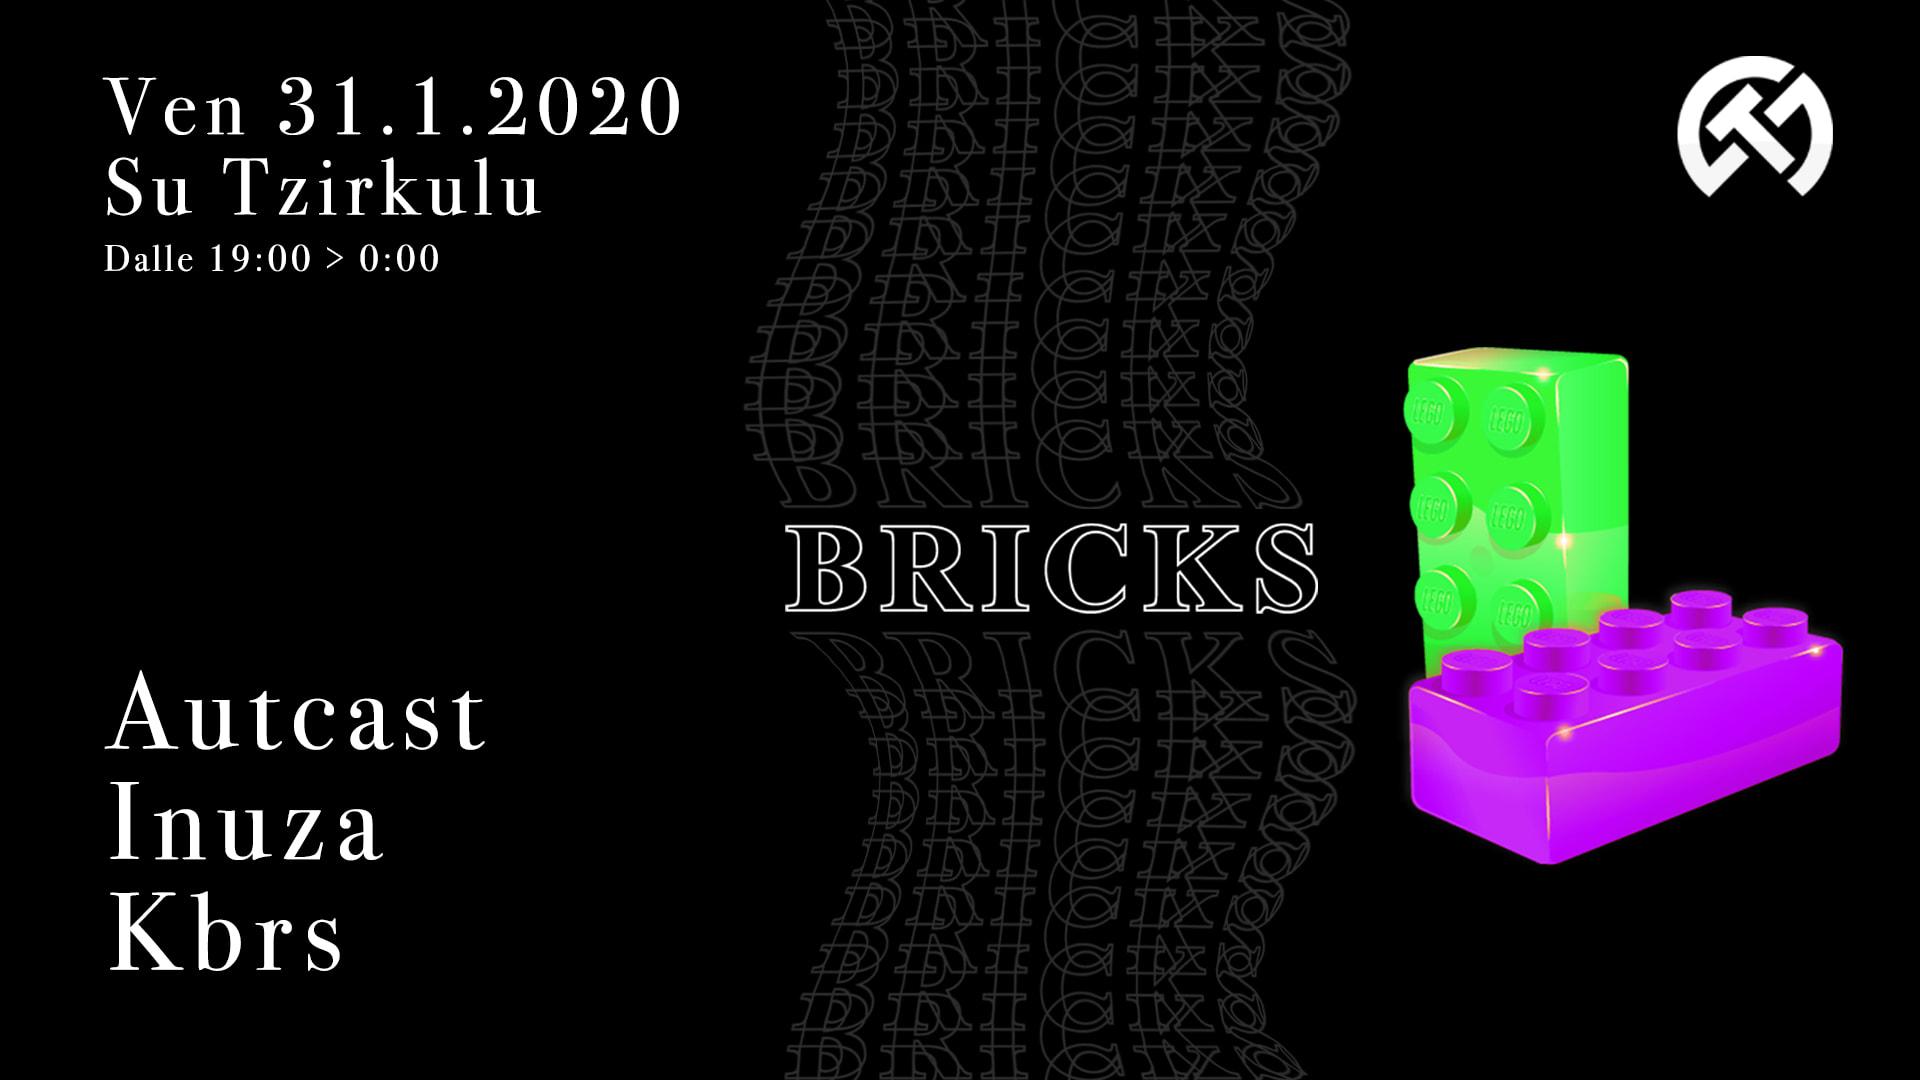 Bricks - 6 - Su Tzirculu - Cagliari - 31 gennaio 2020 - eventi - 2020 - Sa Scena Sarda